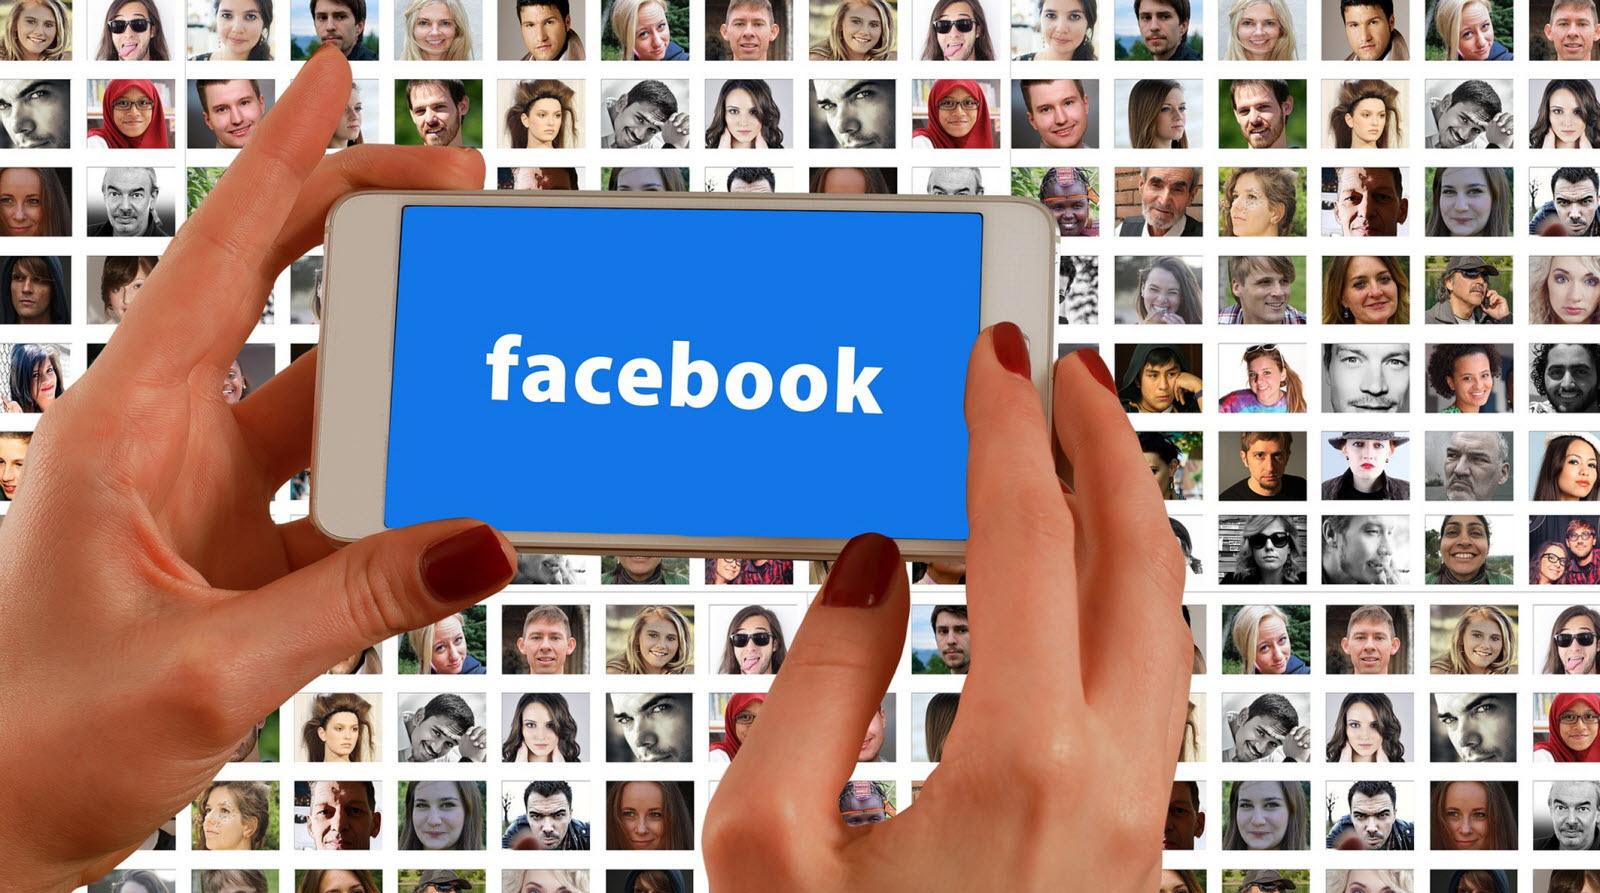 comment rencontrer des amis sur facebook 3 jours gratuit site de rencontre